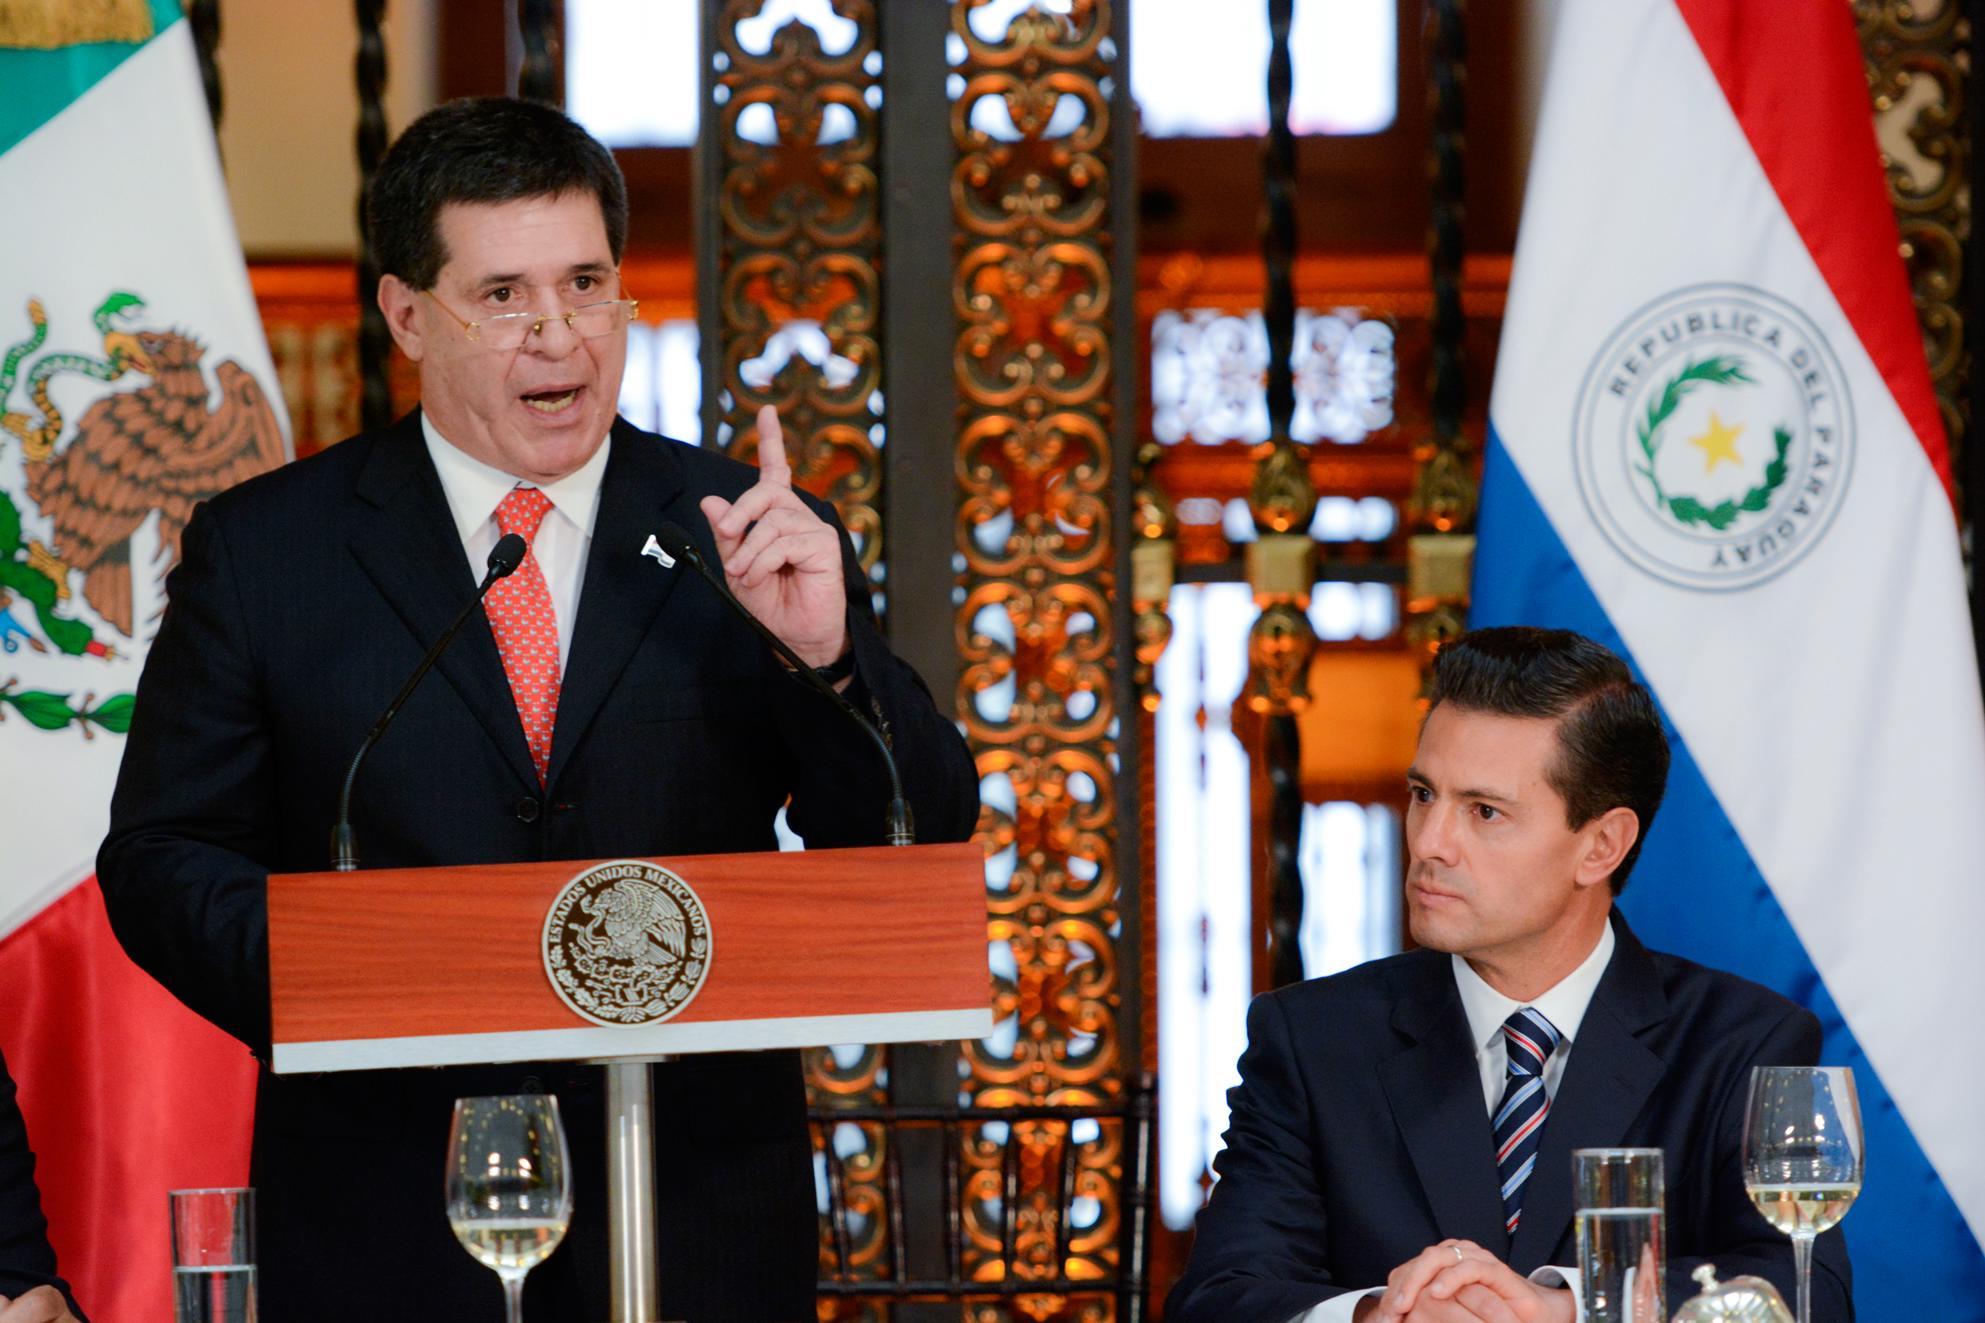 """""""Nuestros gobiernos están dispuestos a la ampliación del comercio bilateral, a la diversificación productiva, a la transferencia de tecnología y de buenas prácticas"""": Horacio Cartes Jara, Presidente de Paraguay."""